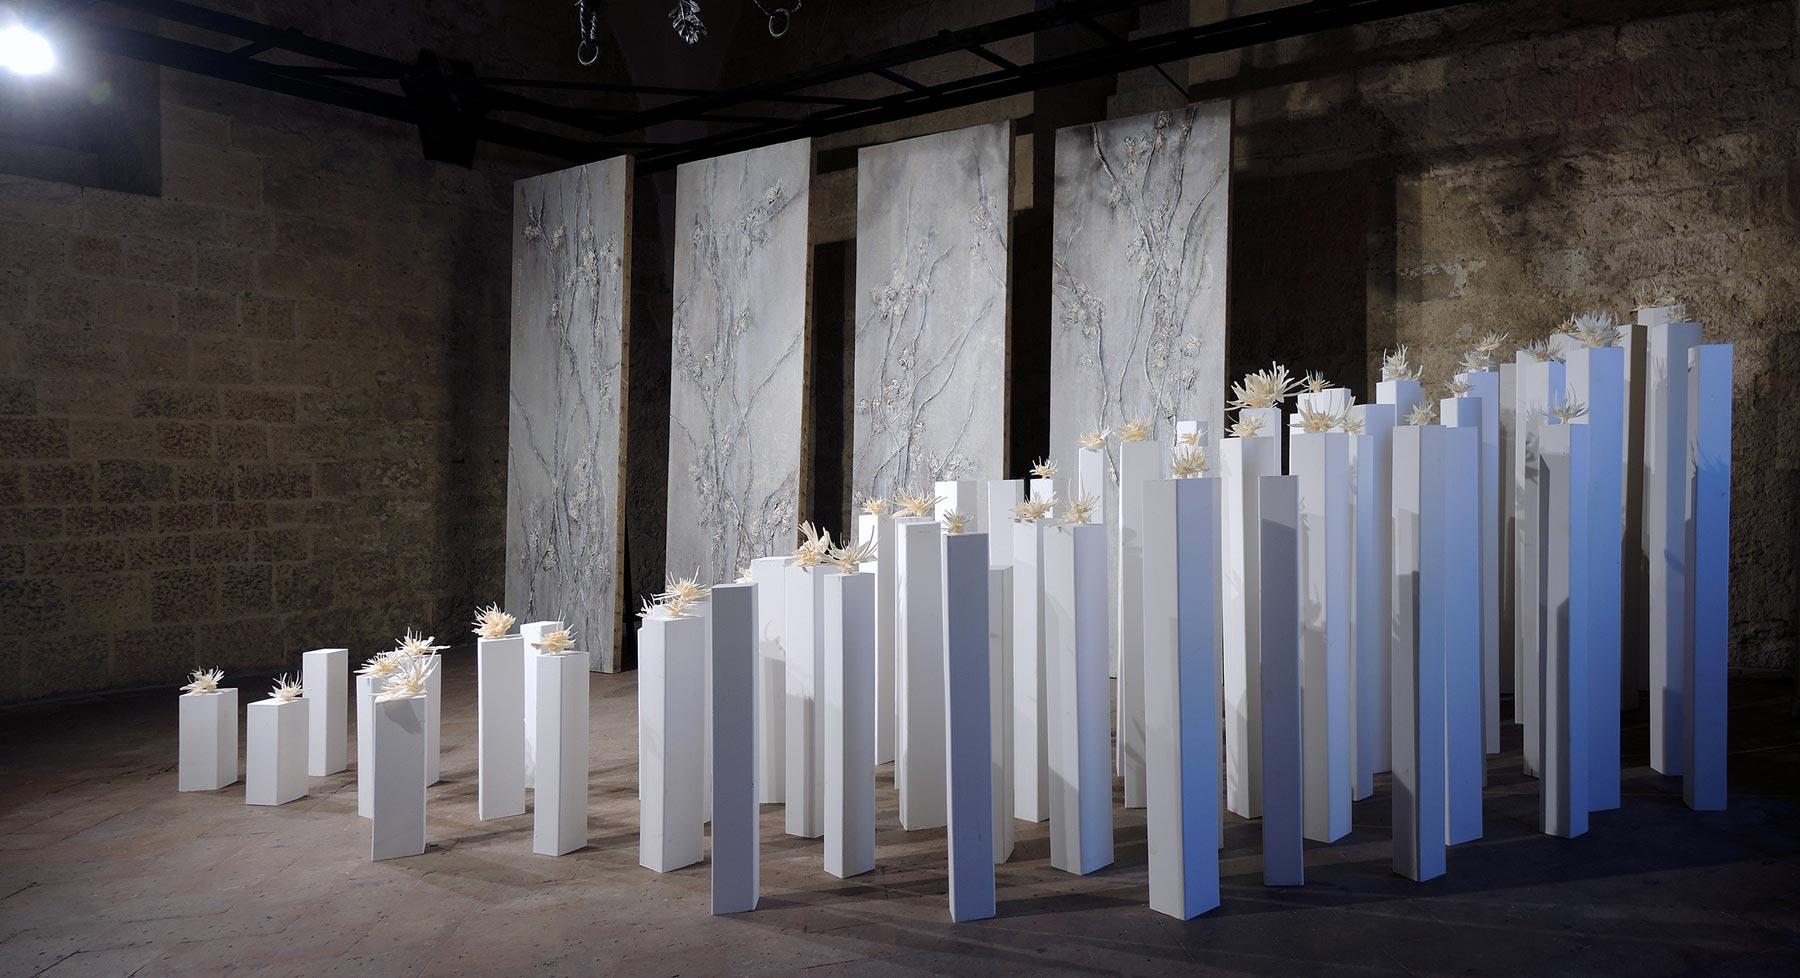 Volterra, Palazzo dei Priori si riempie di fiori. È l'opera di due artiste donne